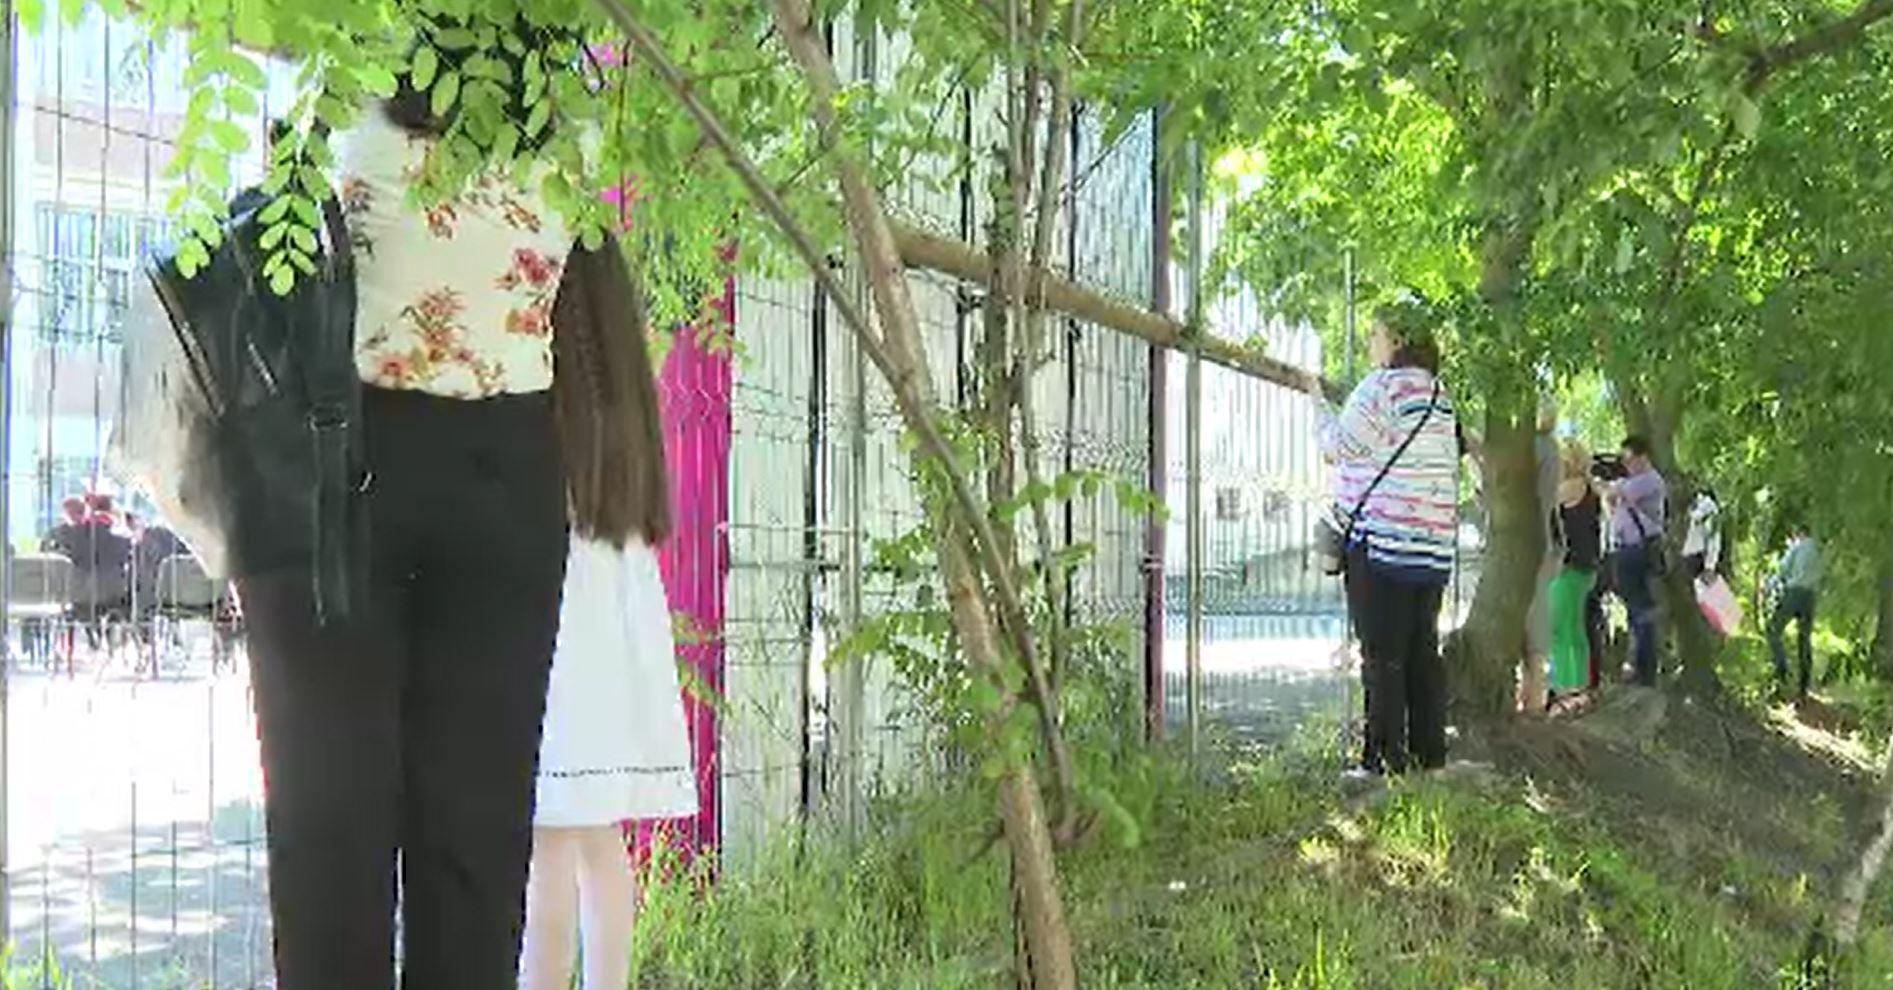 Situație tensionată în Galați, la festivitatea de absolvire a unui liceu. Mai mulți părinți au urmărit ceremonia de la gard